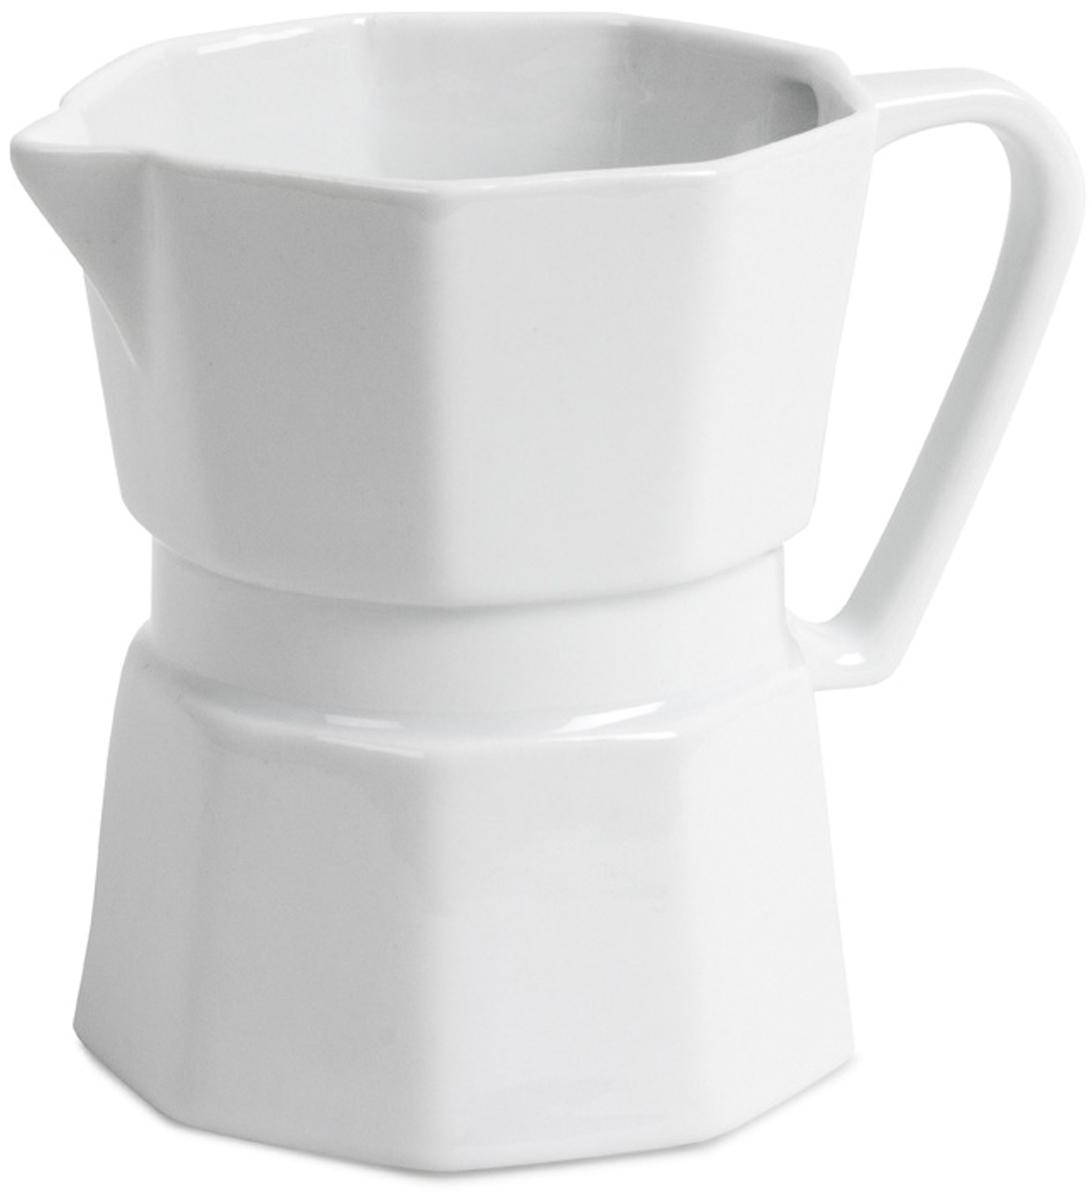 Кружка Balvi Moka, цвет: белый, 400 мл25946Если вы любите кофе, то стильная и современная кружка Moka станет для вас незаменимой вещью в повседневном использовании. Кружка с виду напоминает чайничек для заваривания кофе и изготовлена из очень качественной керамики. Благодаря специальному носику Moka можно использовать и как молочник. Эта кружка станет настоящим открытие для людей, которые предпочитают практичность и надежность. Толстые стенки кружки защитят вас от обжигания рук. Истинные ценители кофейных напитков наверняка оценят завораживающий вкус кофе, который не потеряет своих первозданных качеств благодаря кружке Moka.- Привлекательный дизайн в форме чайничка для кофе.- Изготовлена из белоснежной керамики.- Объем кружки 400 мл.